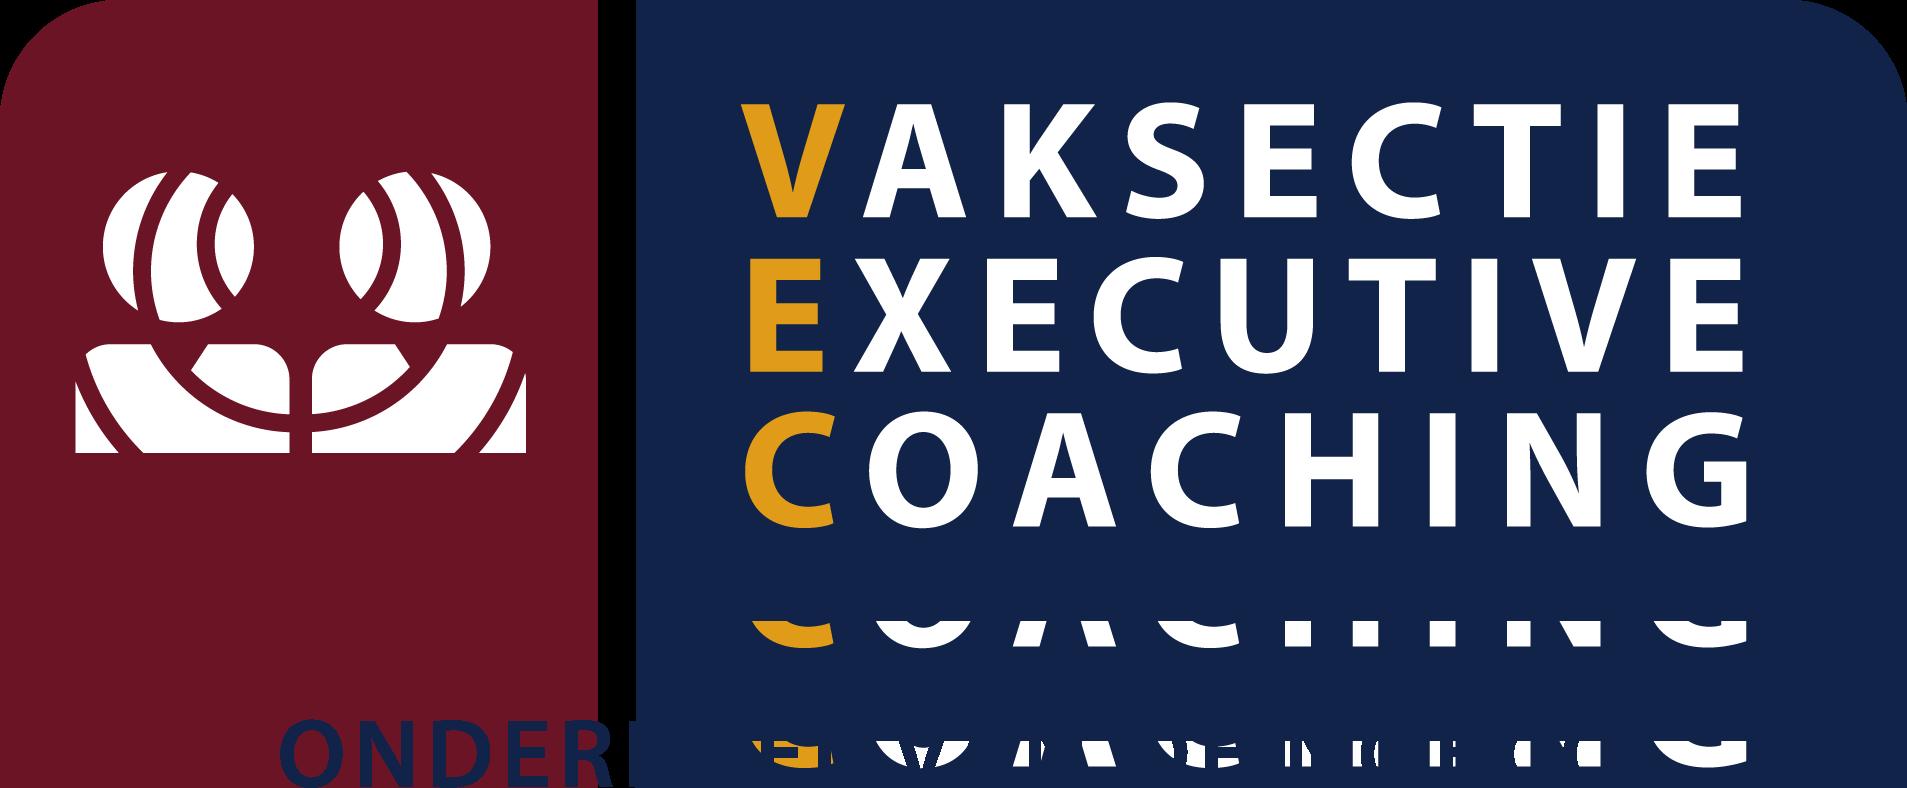 Vaksectie Executive coaching NOBCO